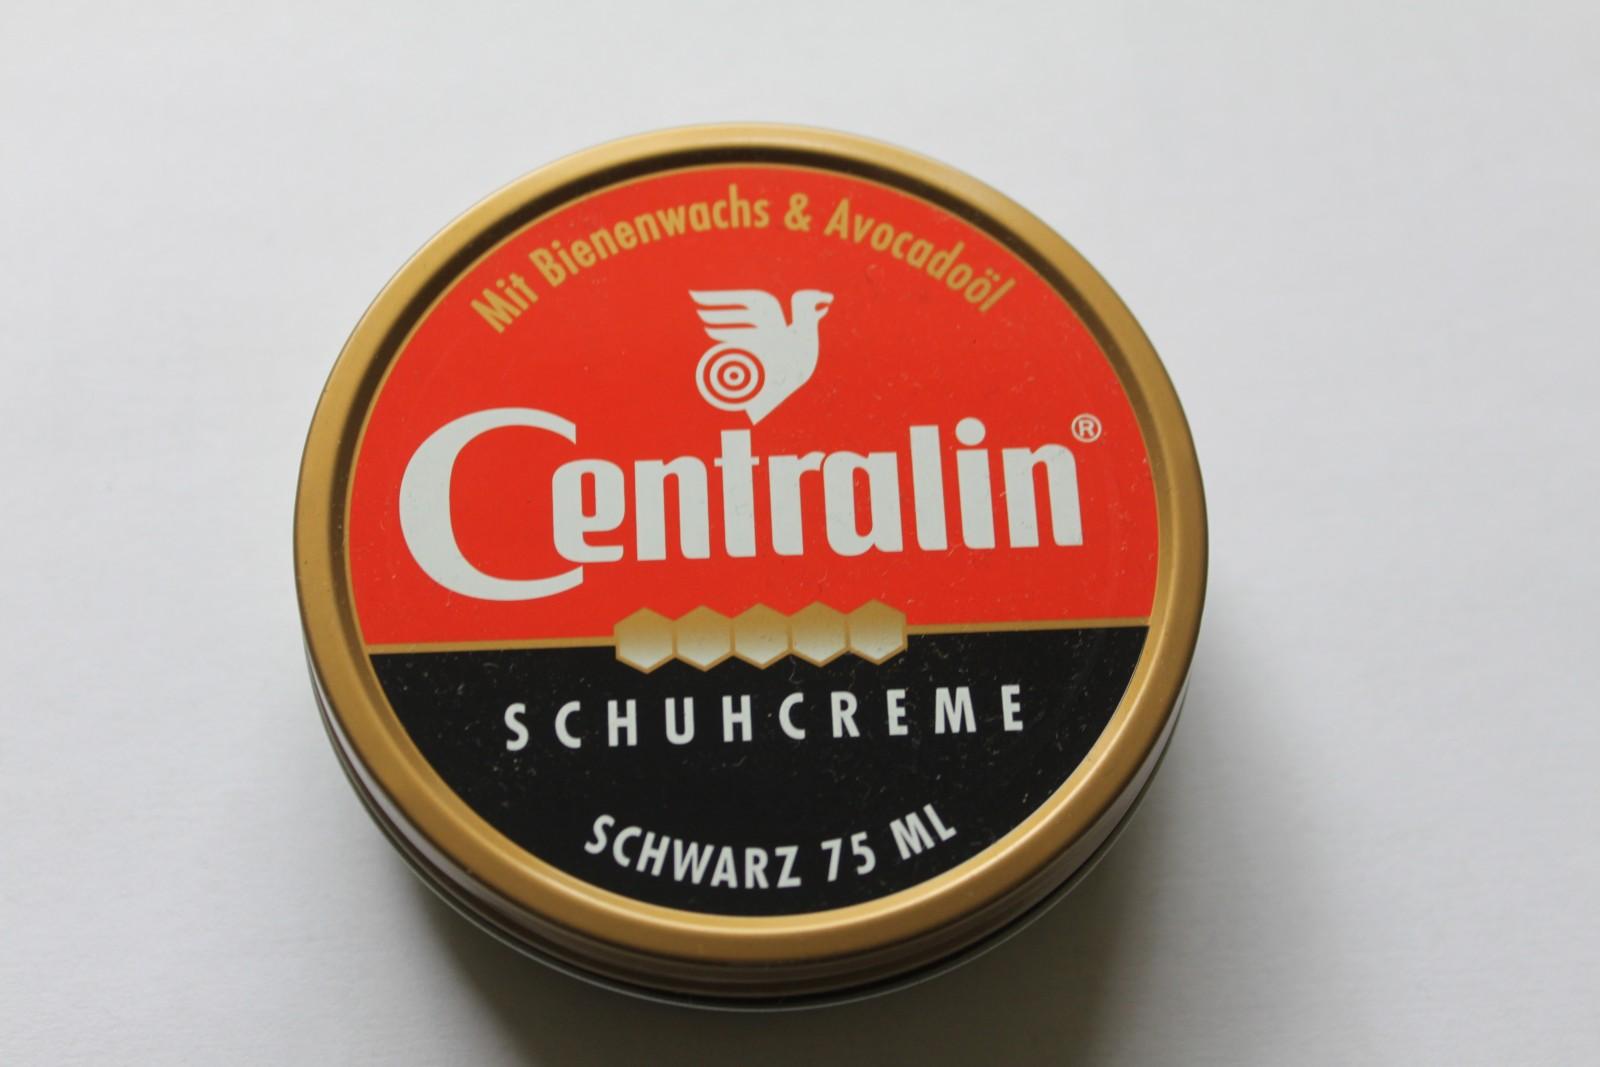 Centralin Schuhcreme Schwarz oder Farblos 75ml